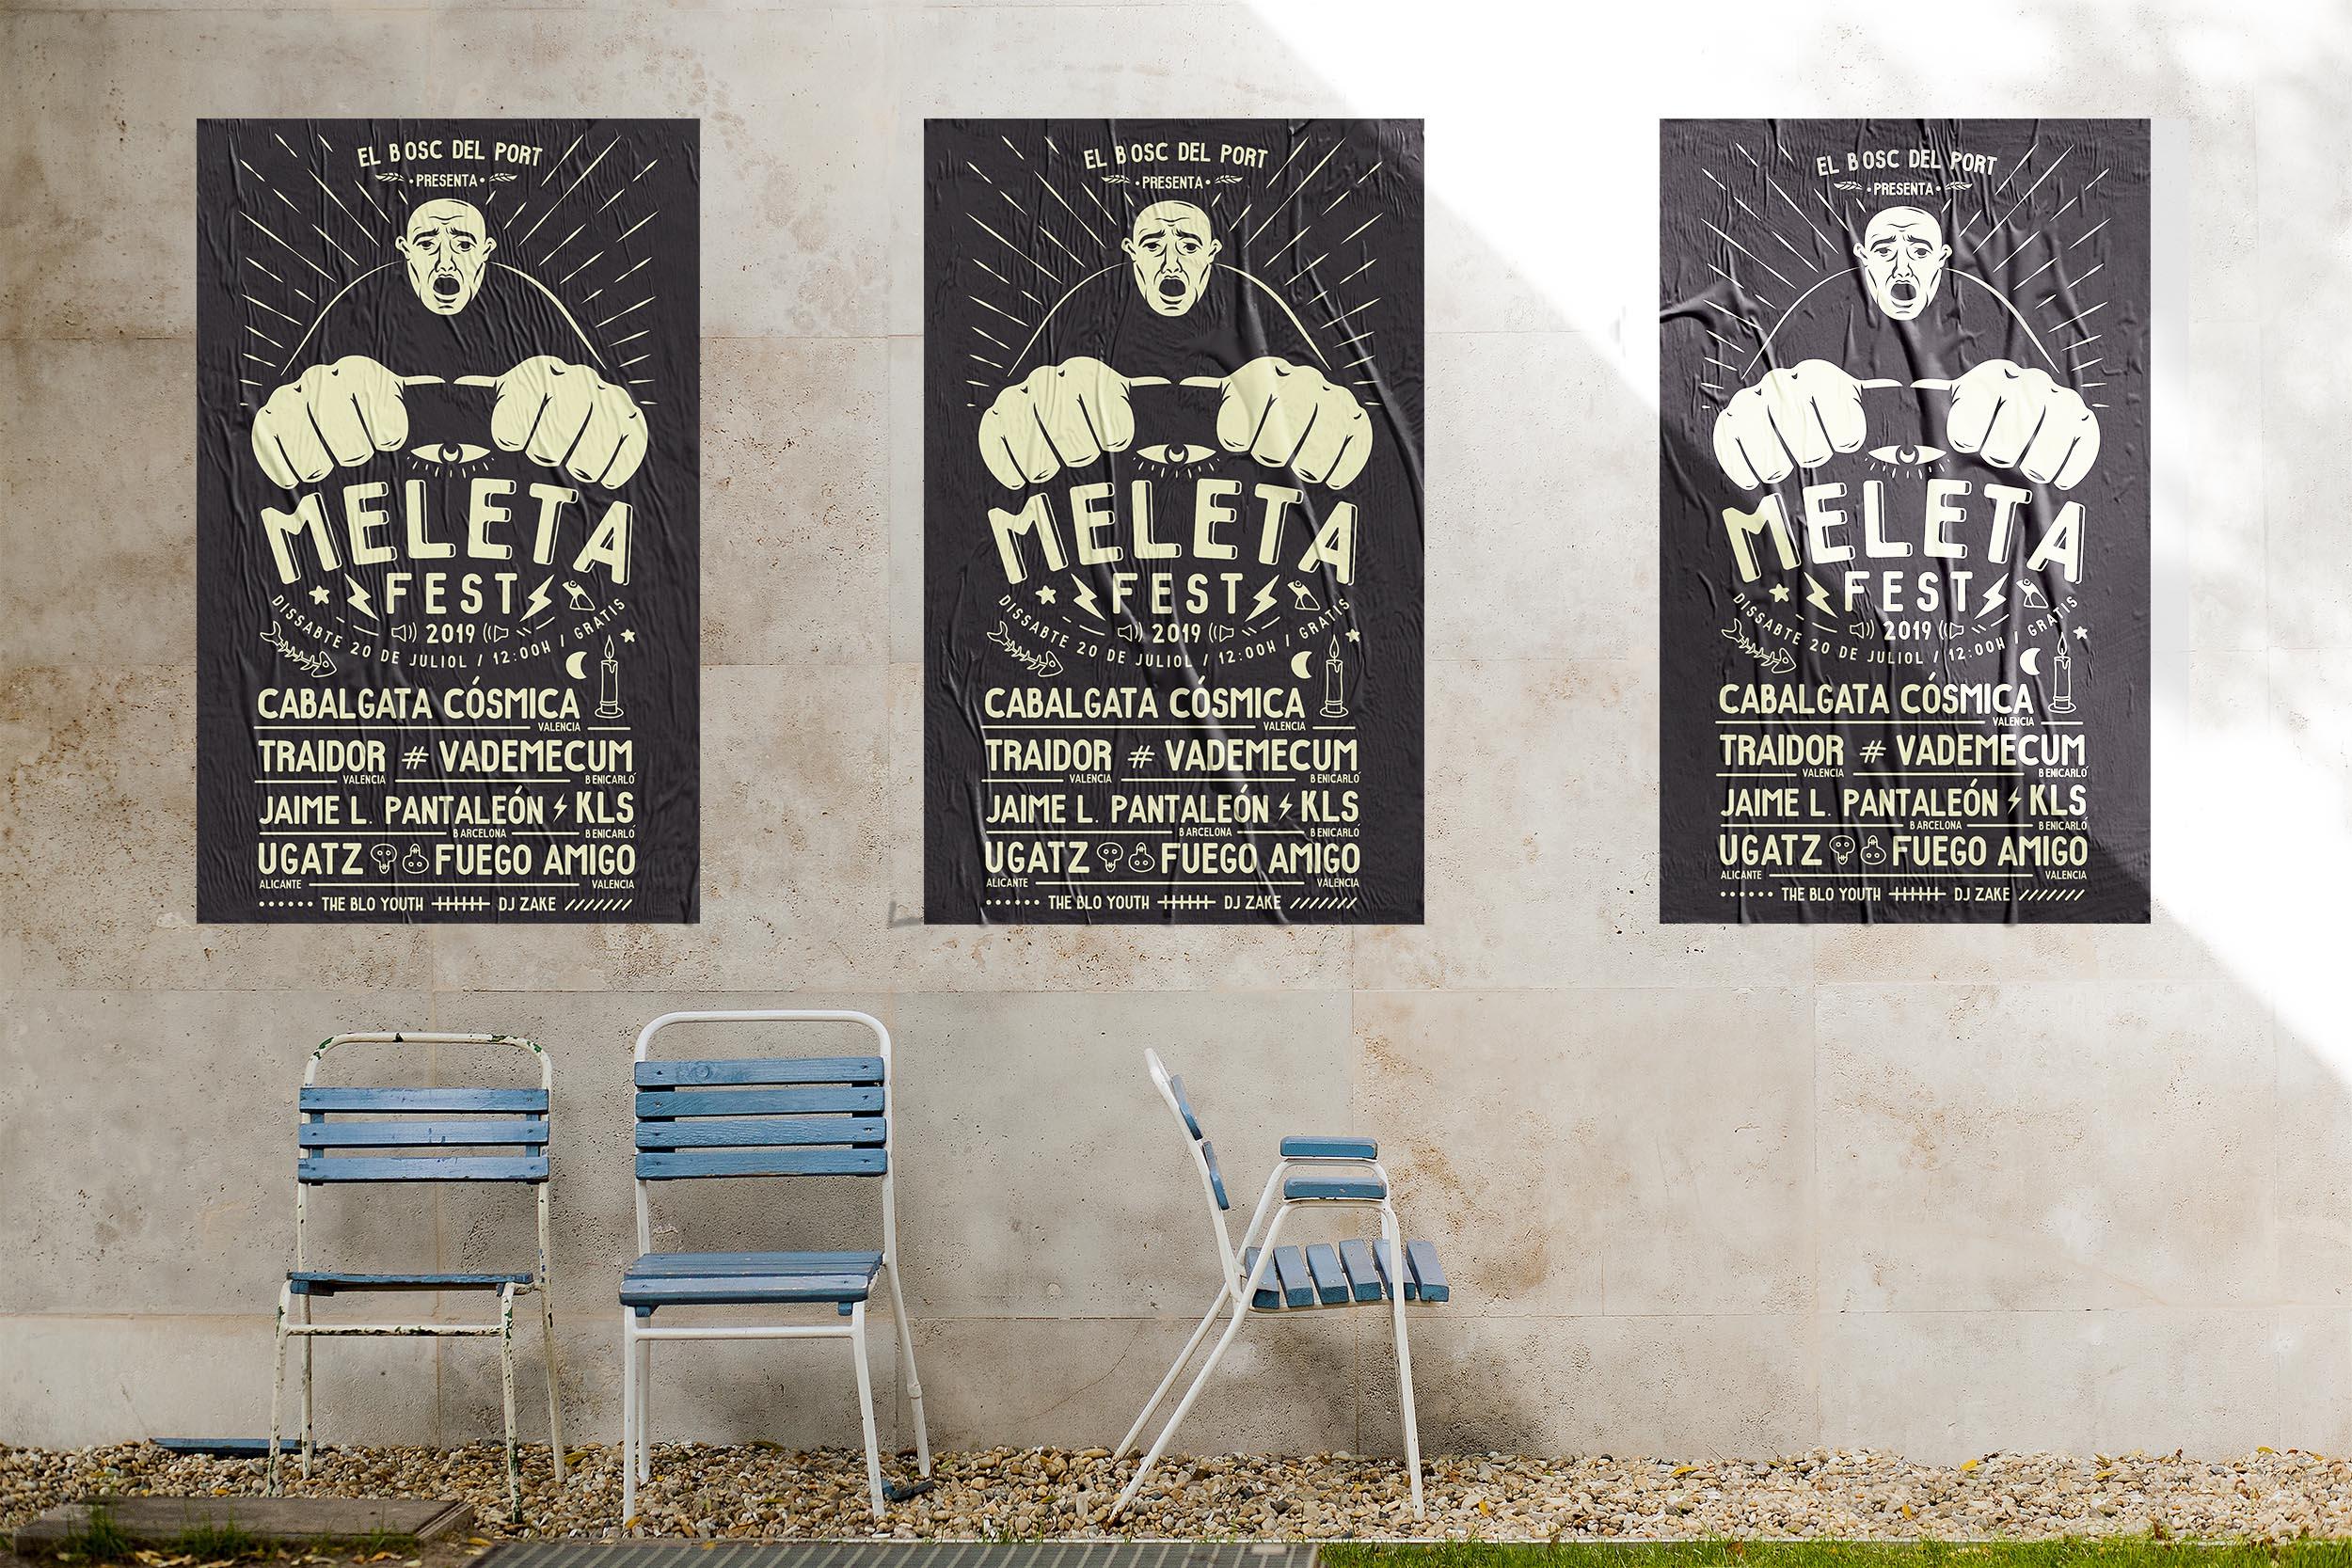 cartel, poster, diseño gráfico, graphic design